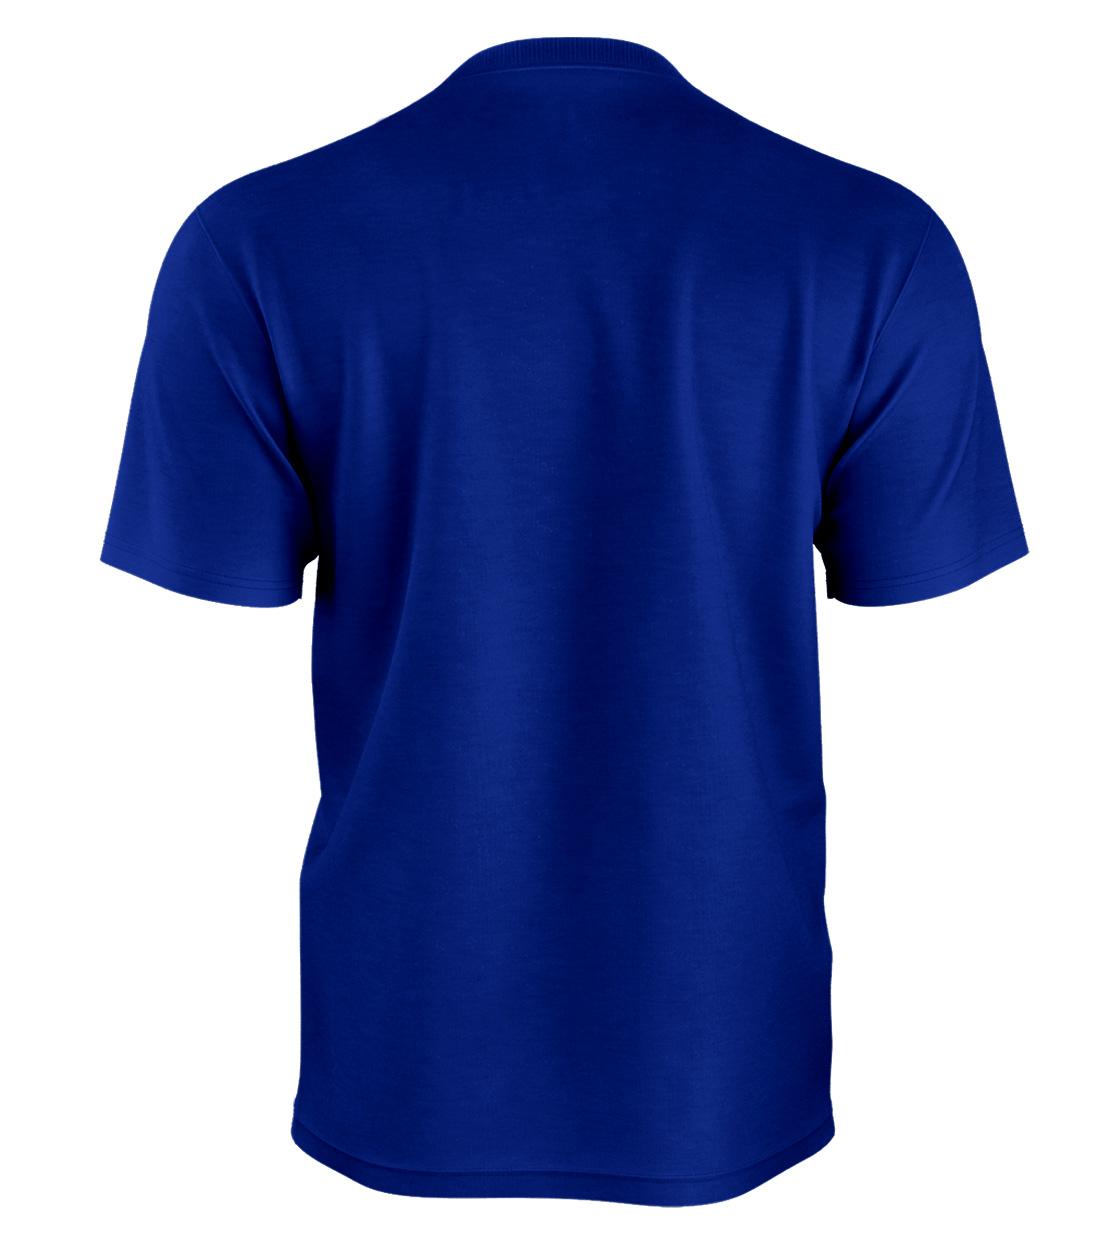 Euroleague Logo Euroleague Tshirt (TSH-BLU-226-EURO-LOGO)